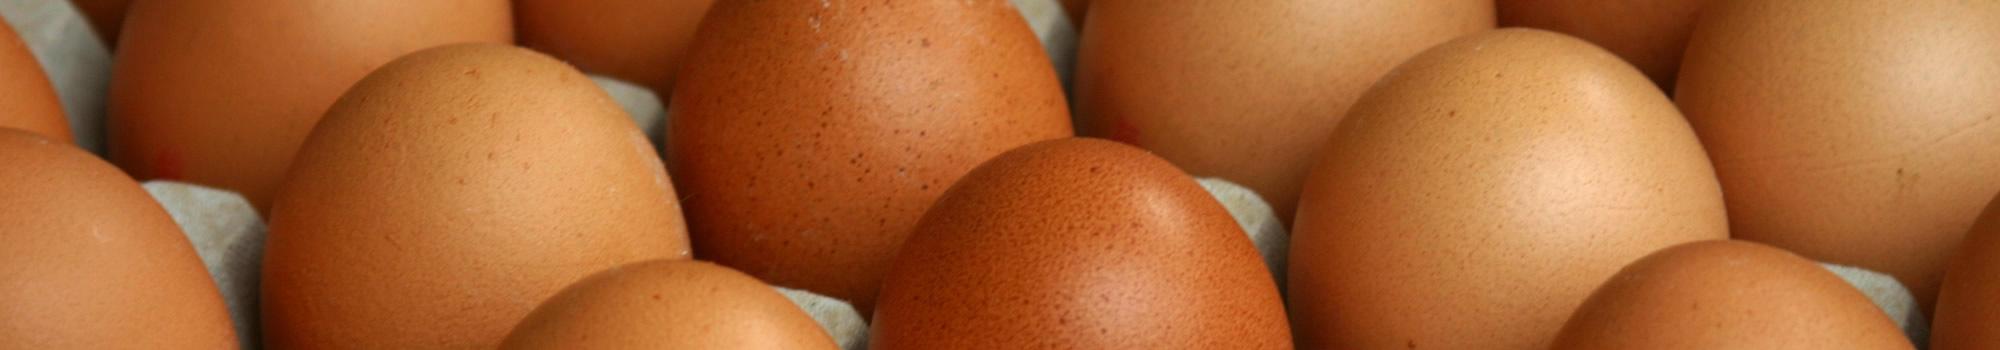 eggs-slide